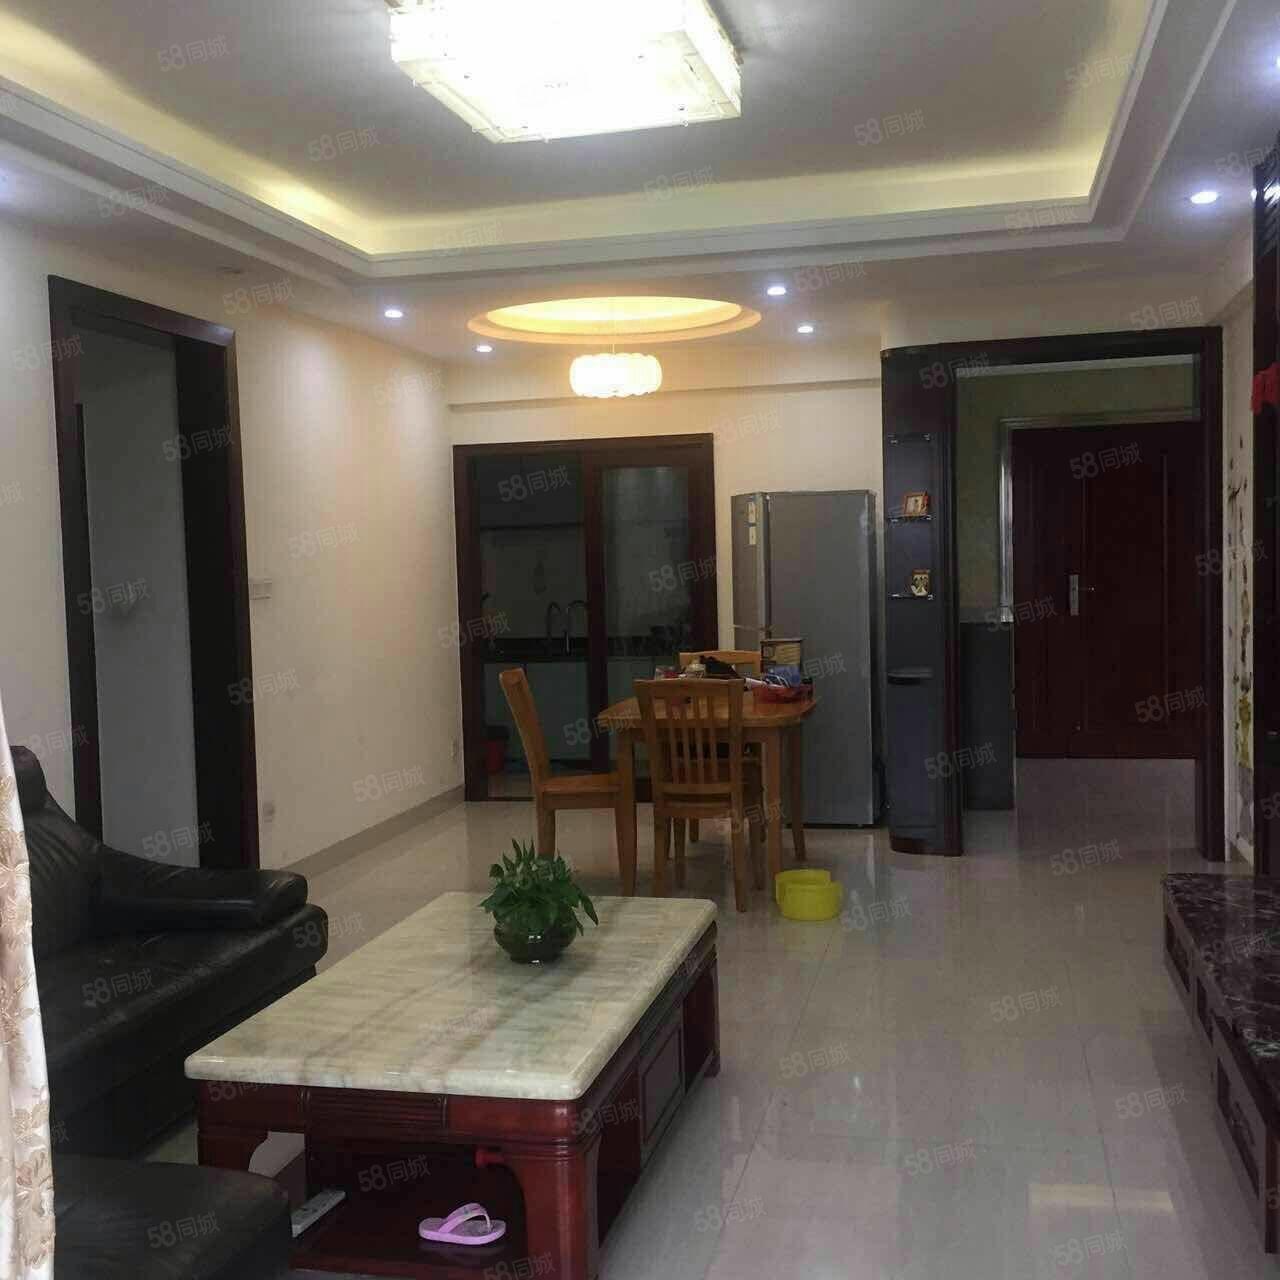 阳东昌隆市场对面自建私宅